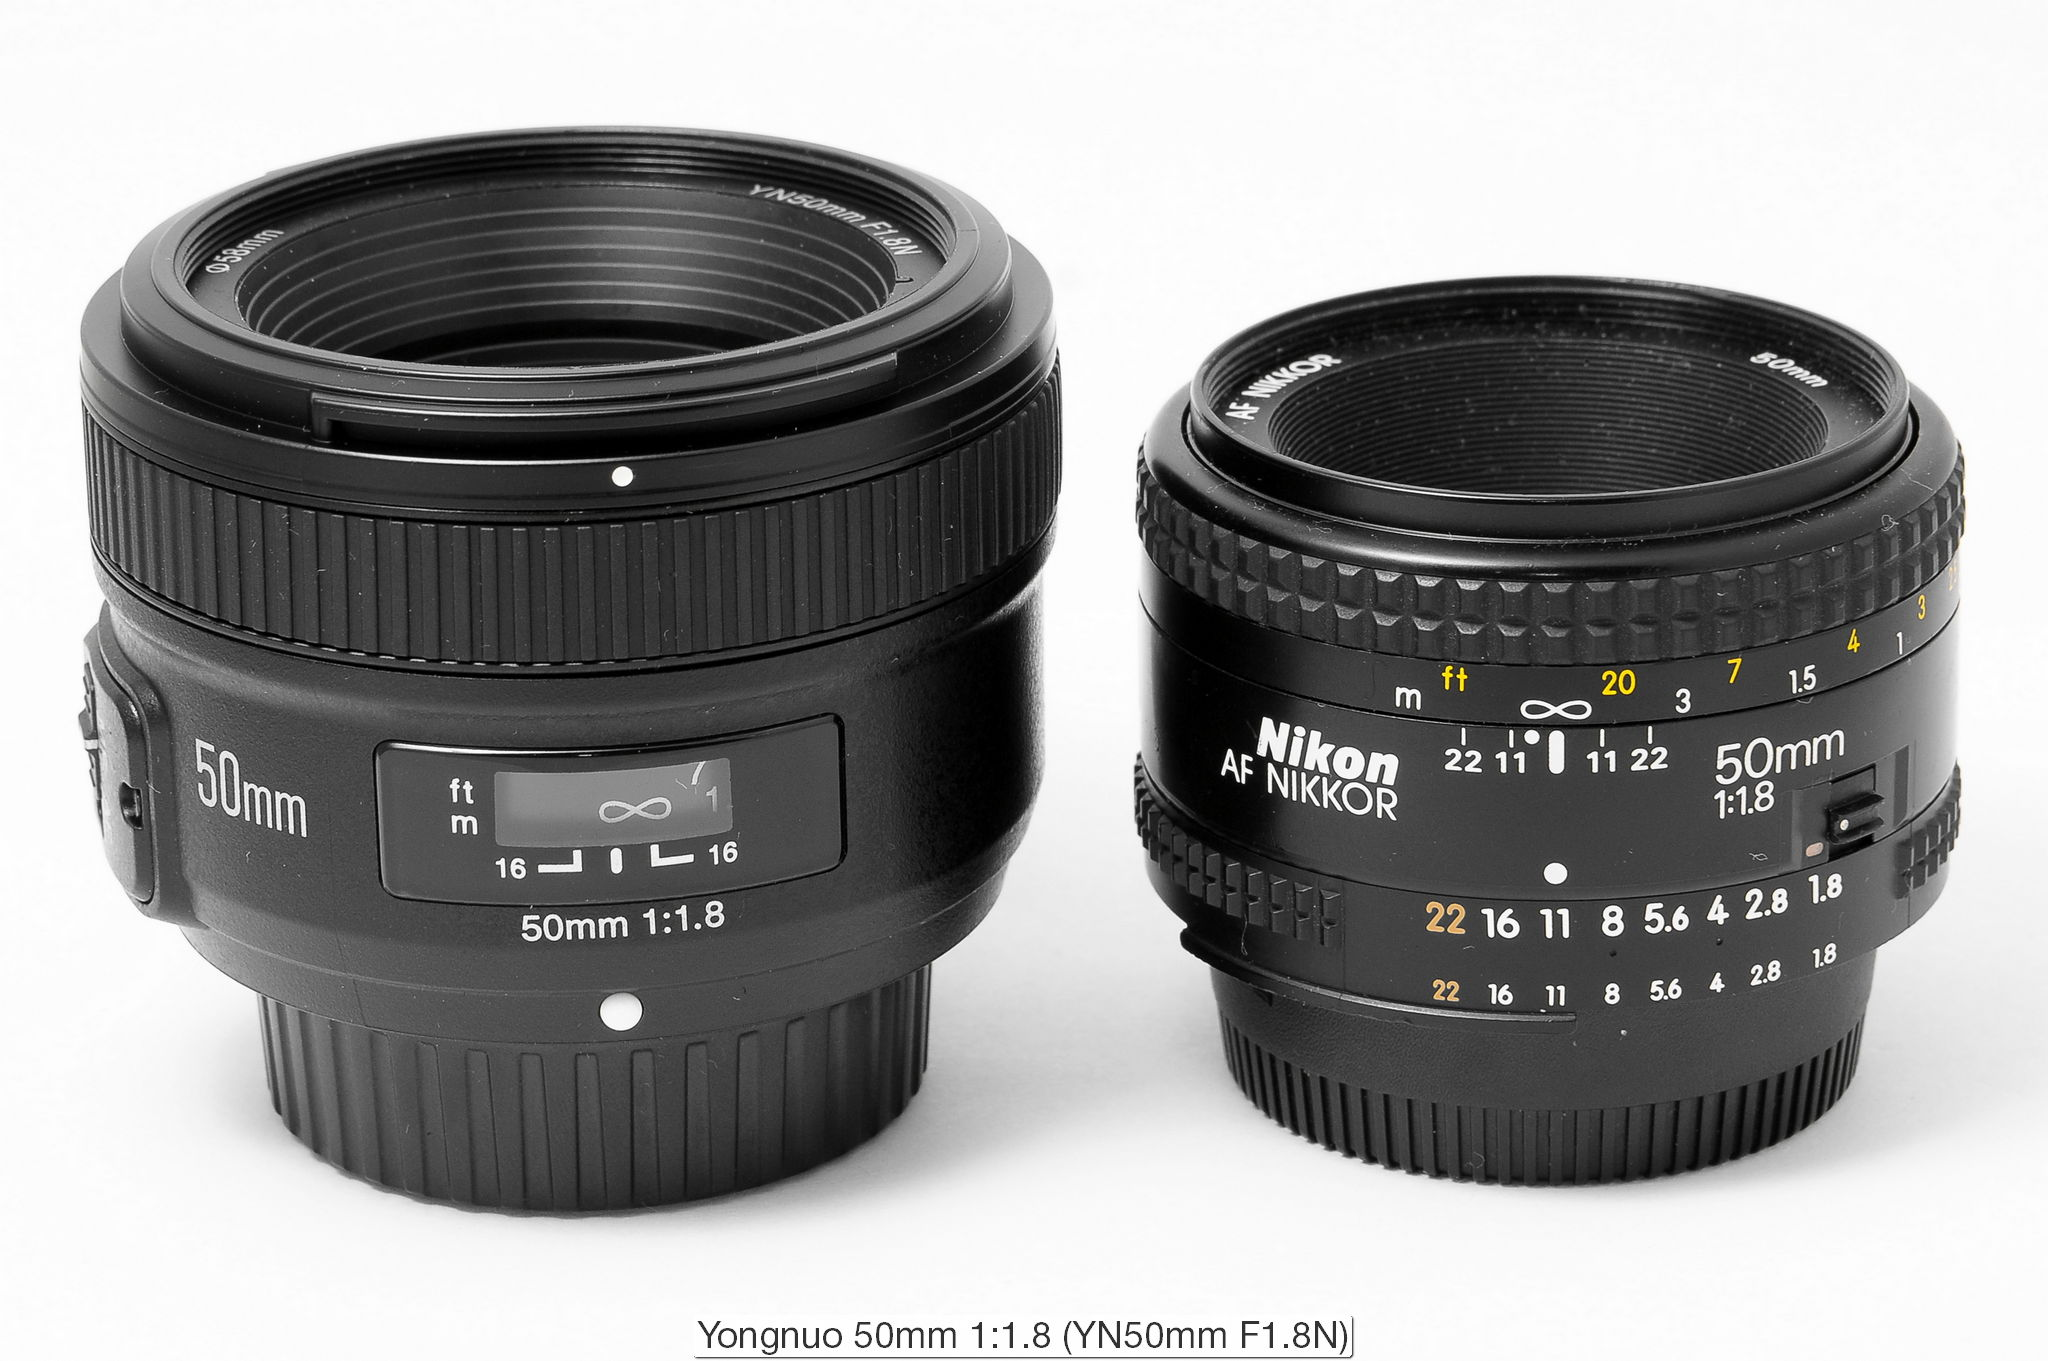 yongnuo 50mm f/1.8 nikon - Le migliori offerte web